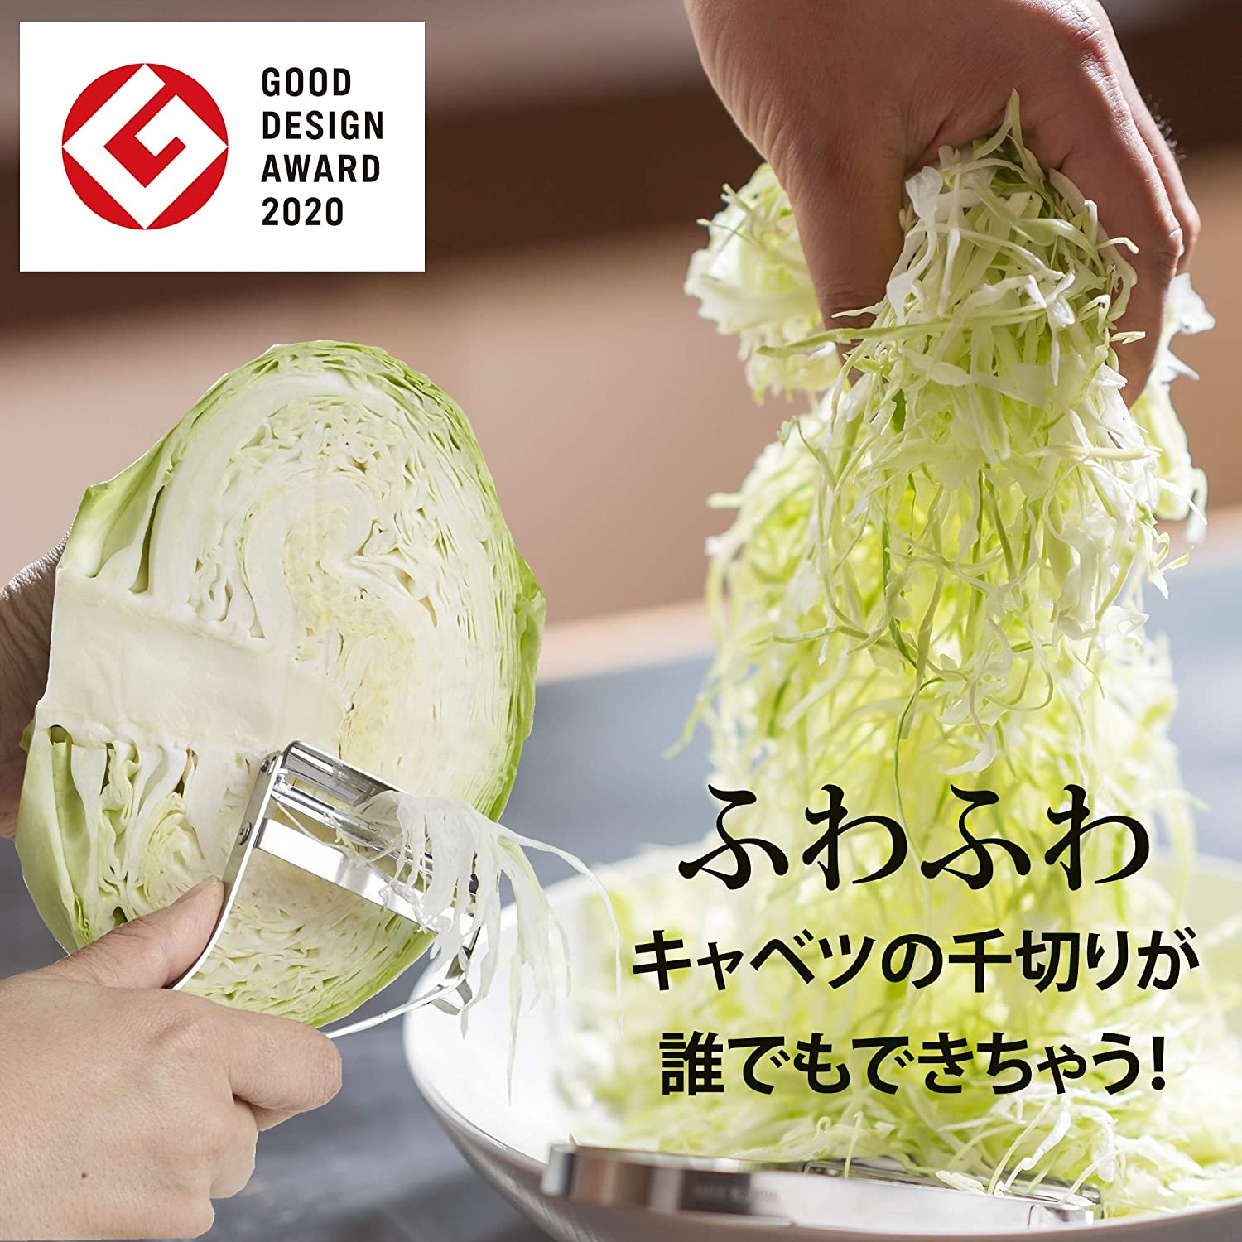 飯田屋(いいだや)エバーピーラーの商品画像6